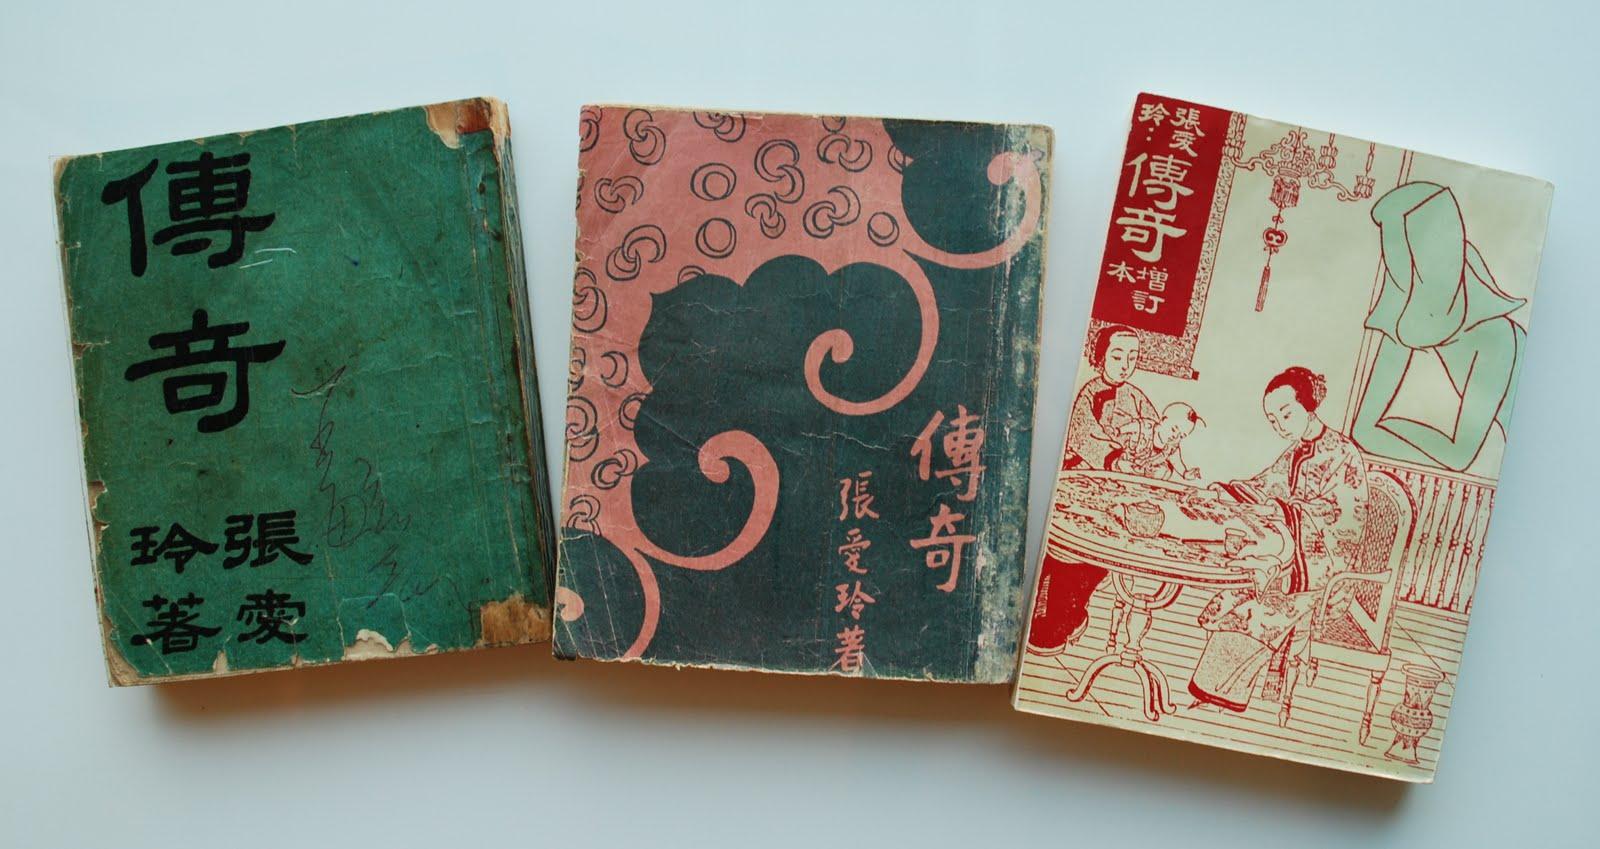 张爱玲的作品《传奇》。